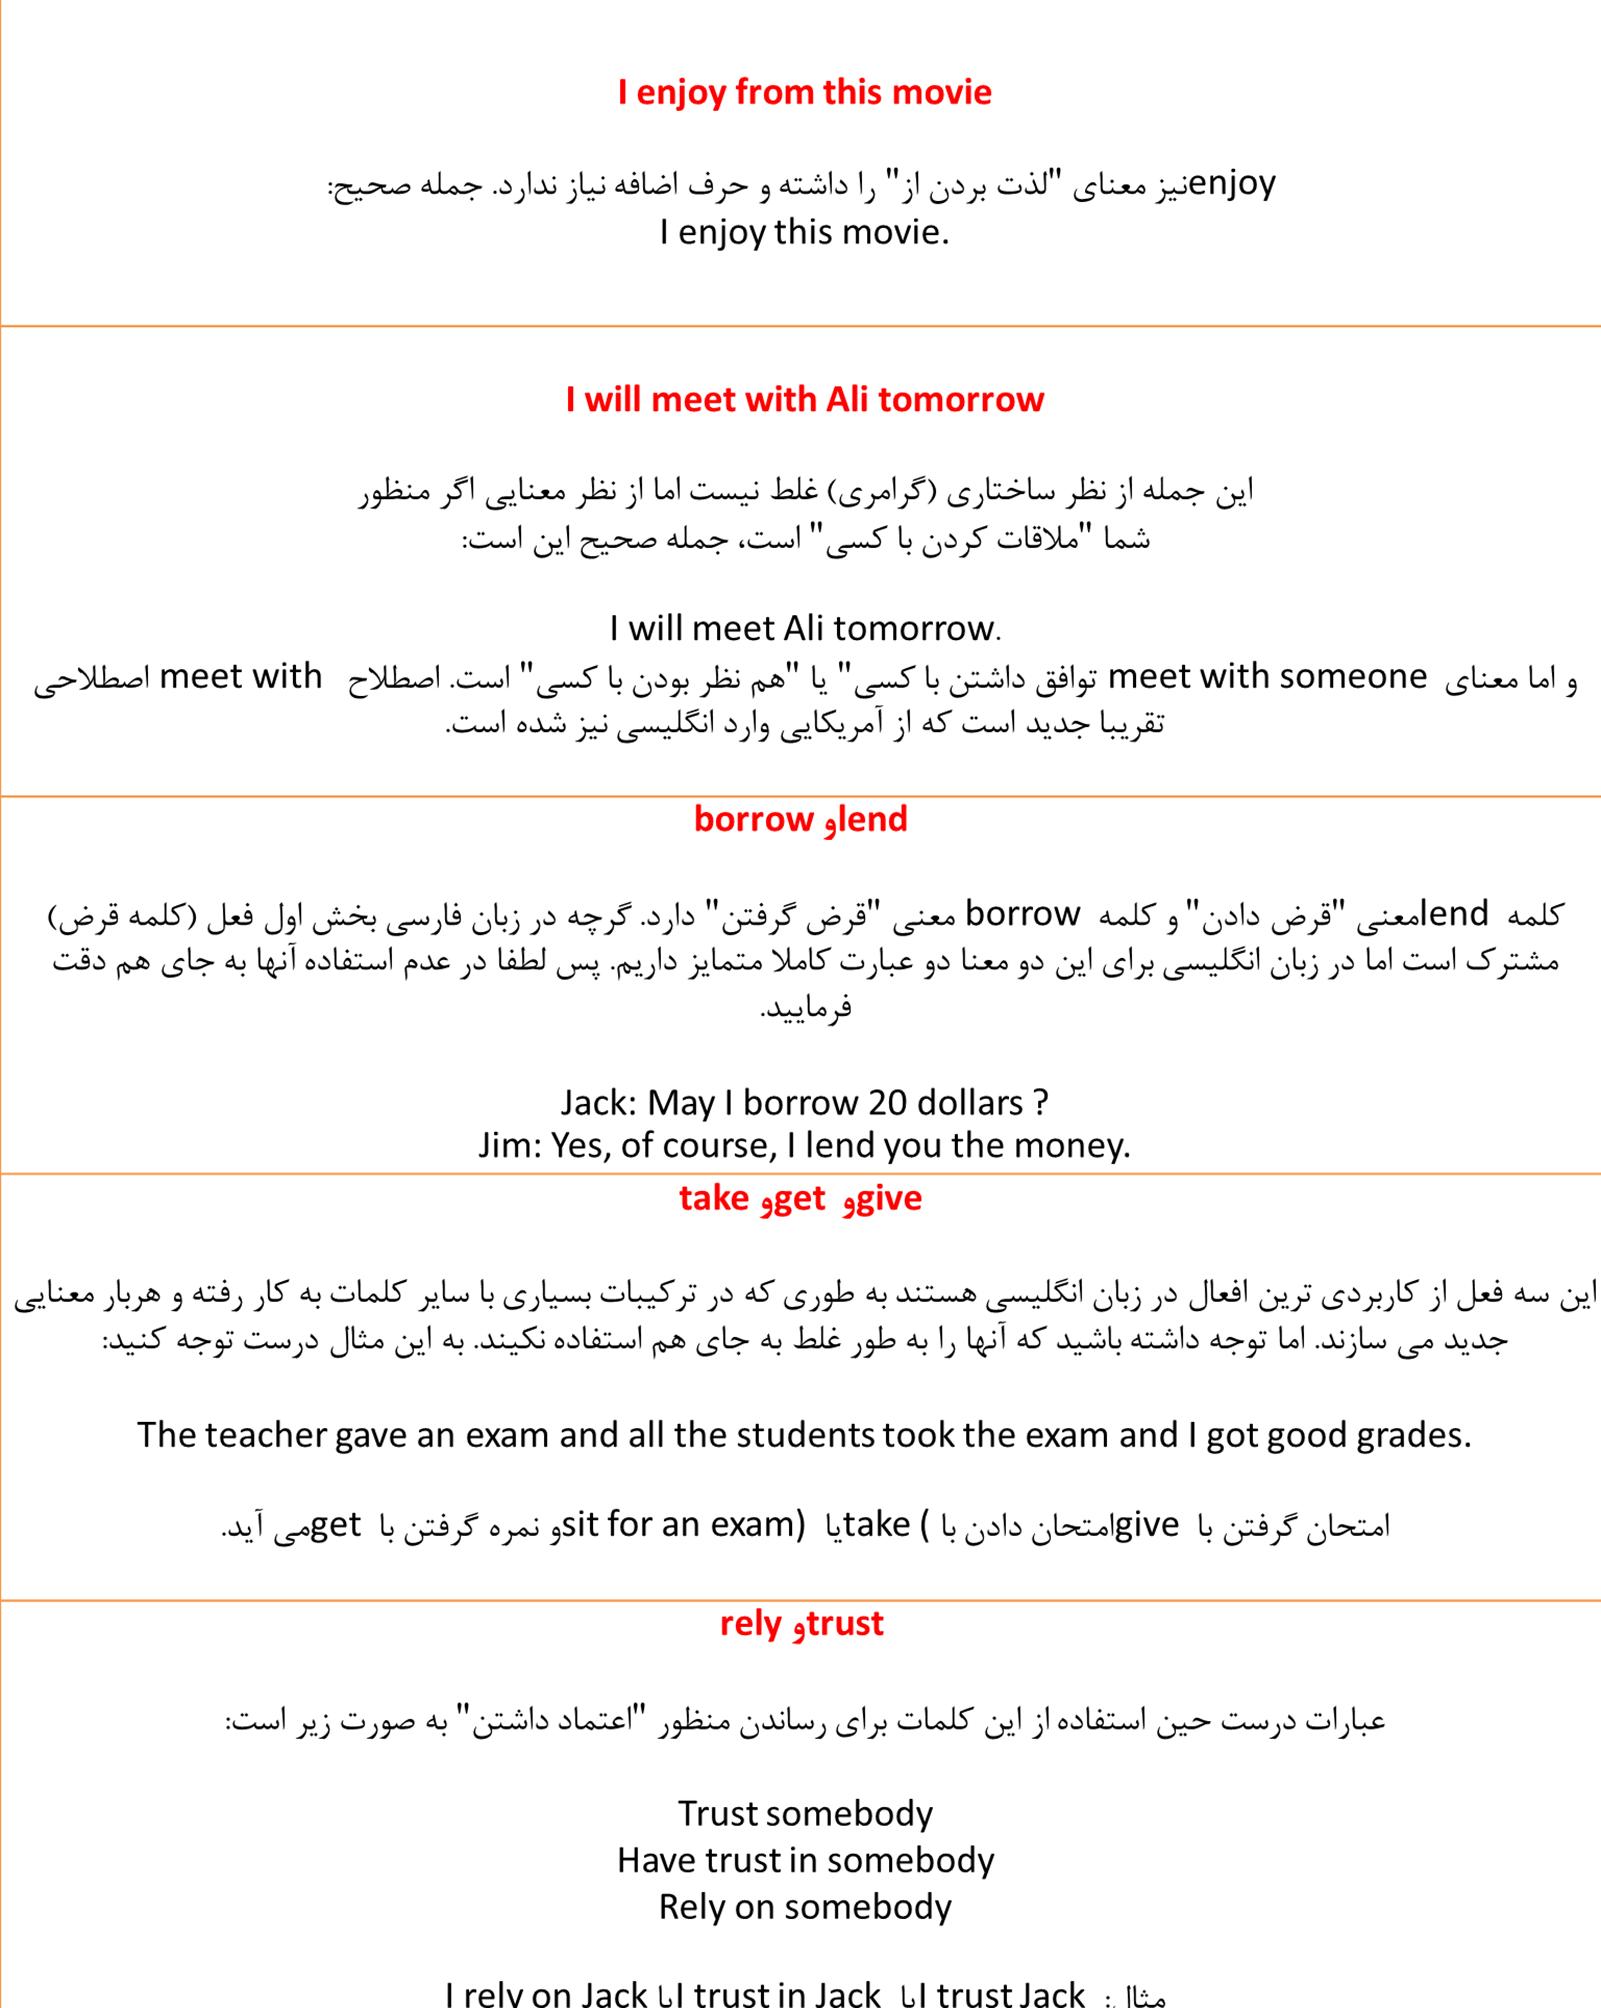 اشتباهات رایج در زبان انگلیسی آموزش زبان انگلیسی در تهران تقویت مکالمه انگلیسی آیلتس Ielts English Language Teaching Learn English Vocabulary English Study